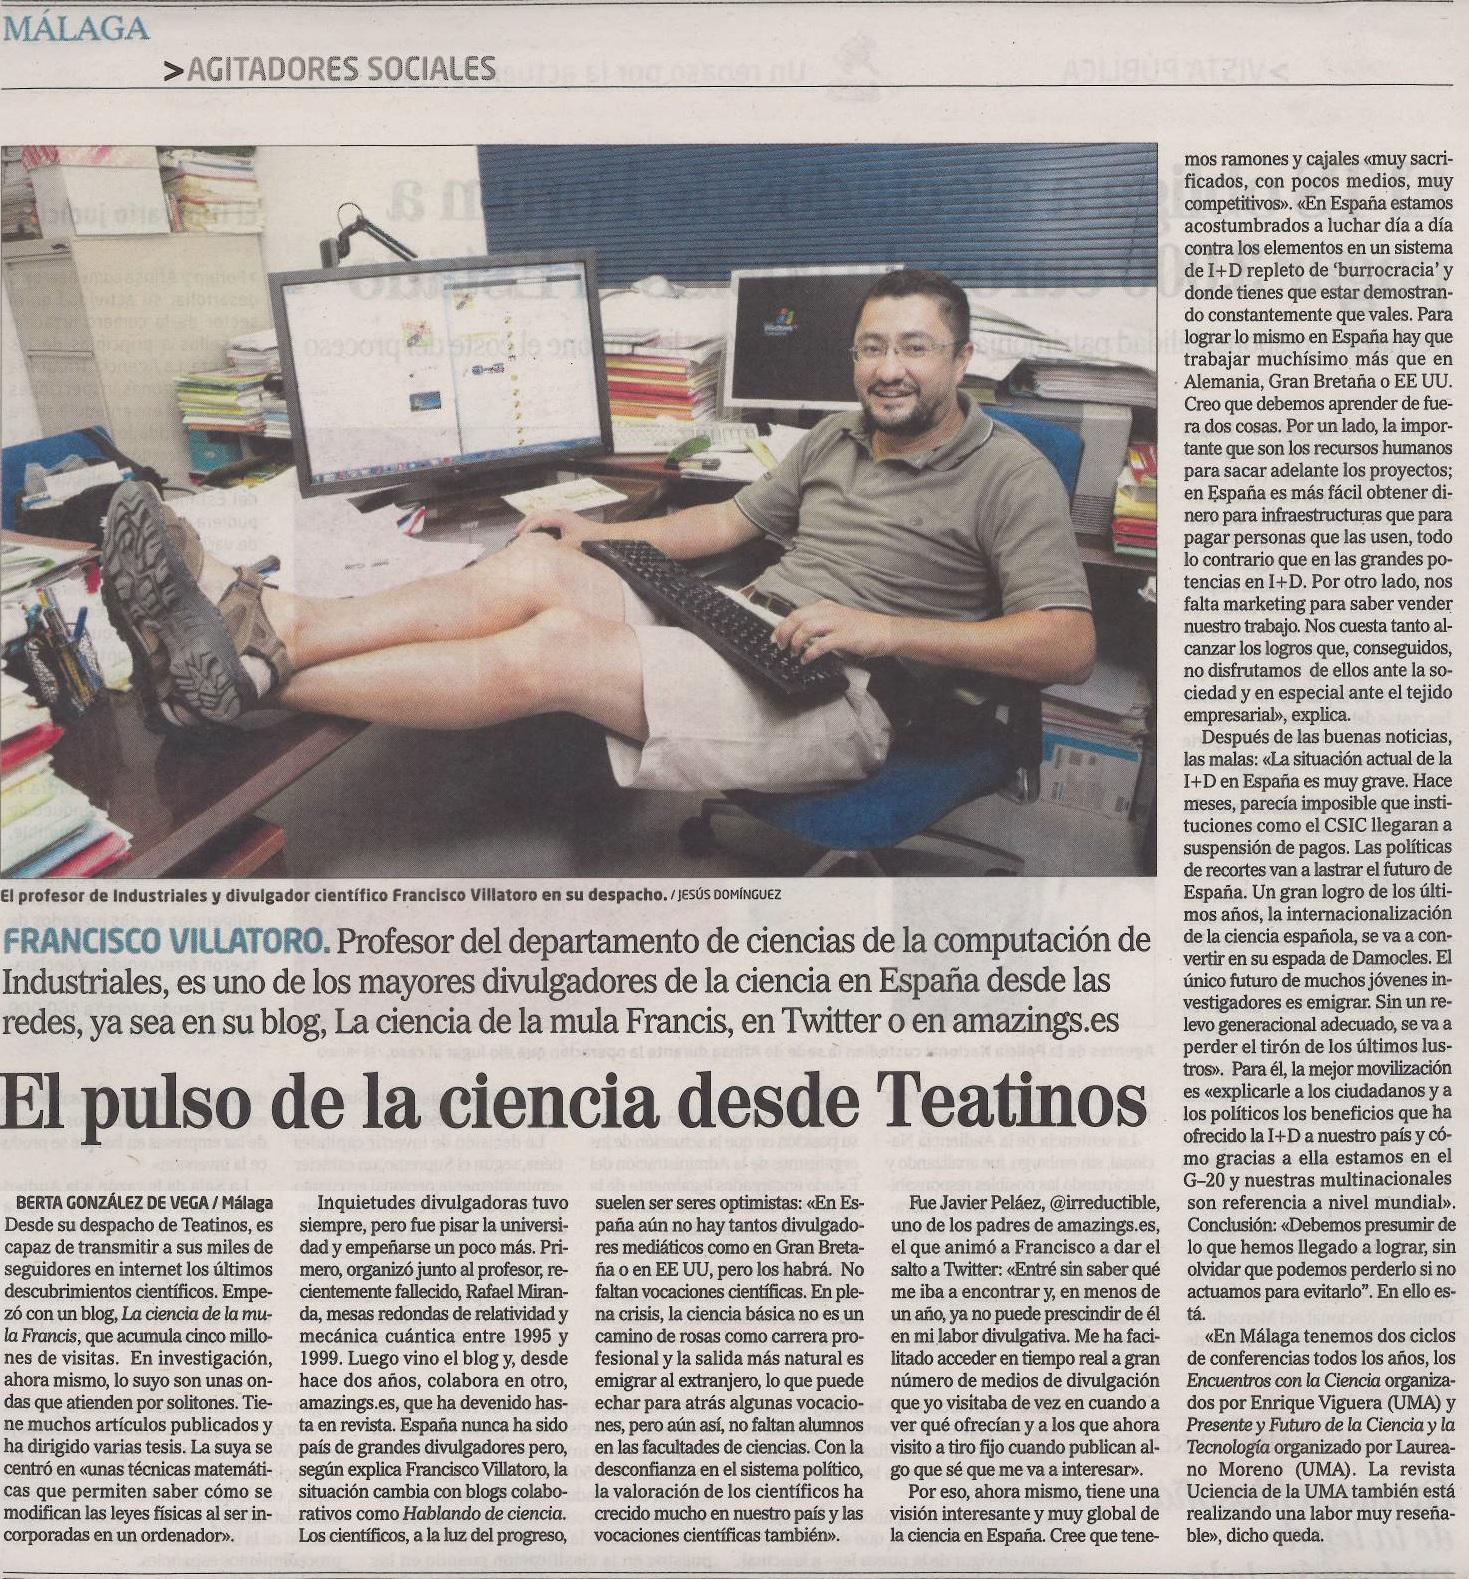 Francis entrevistado en el mundo edici n andaluc a - El mundo andalucia malaga ...